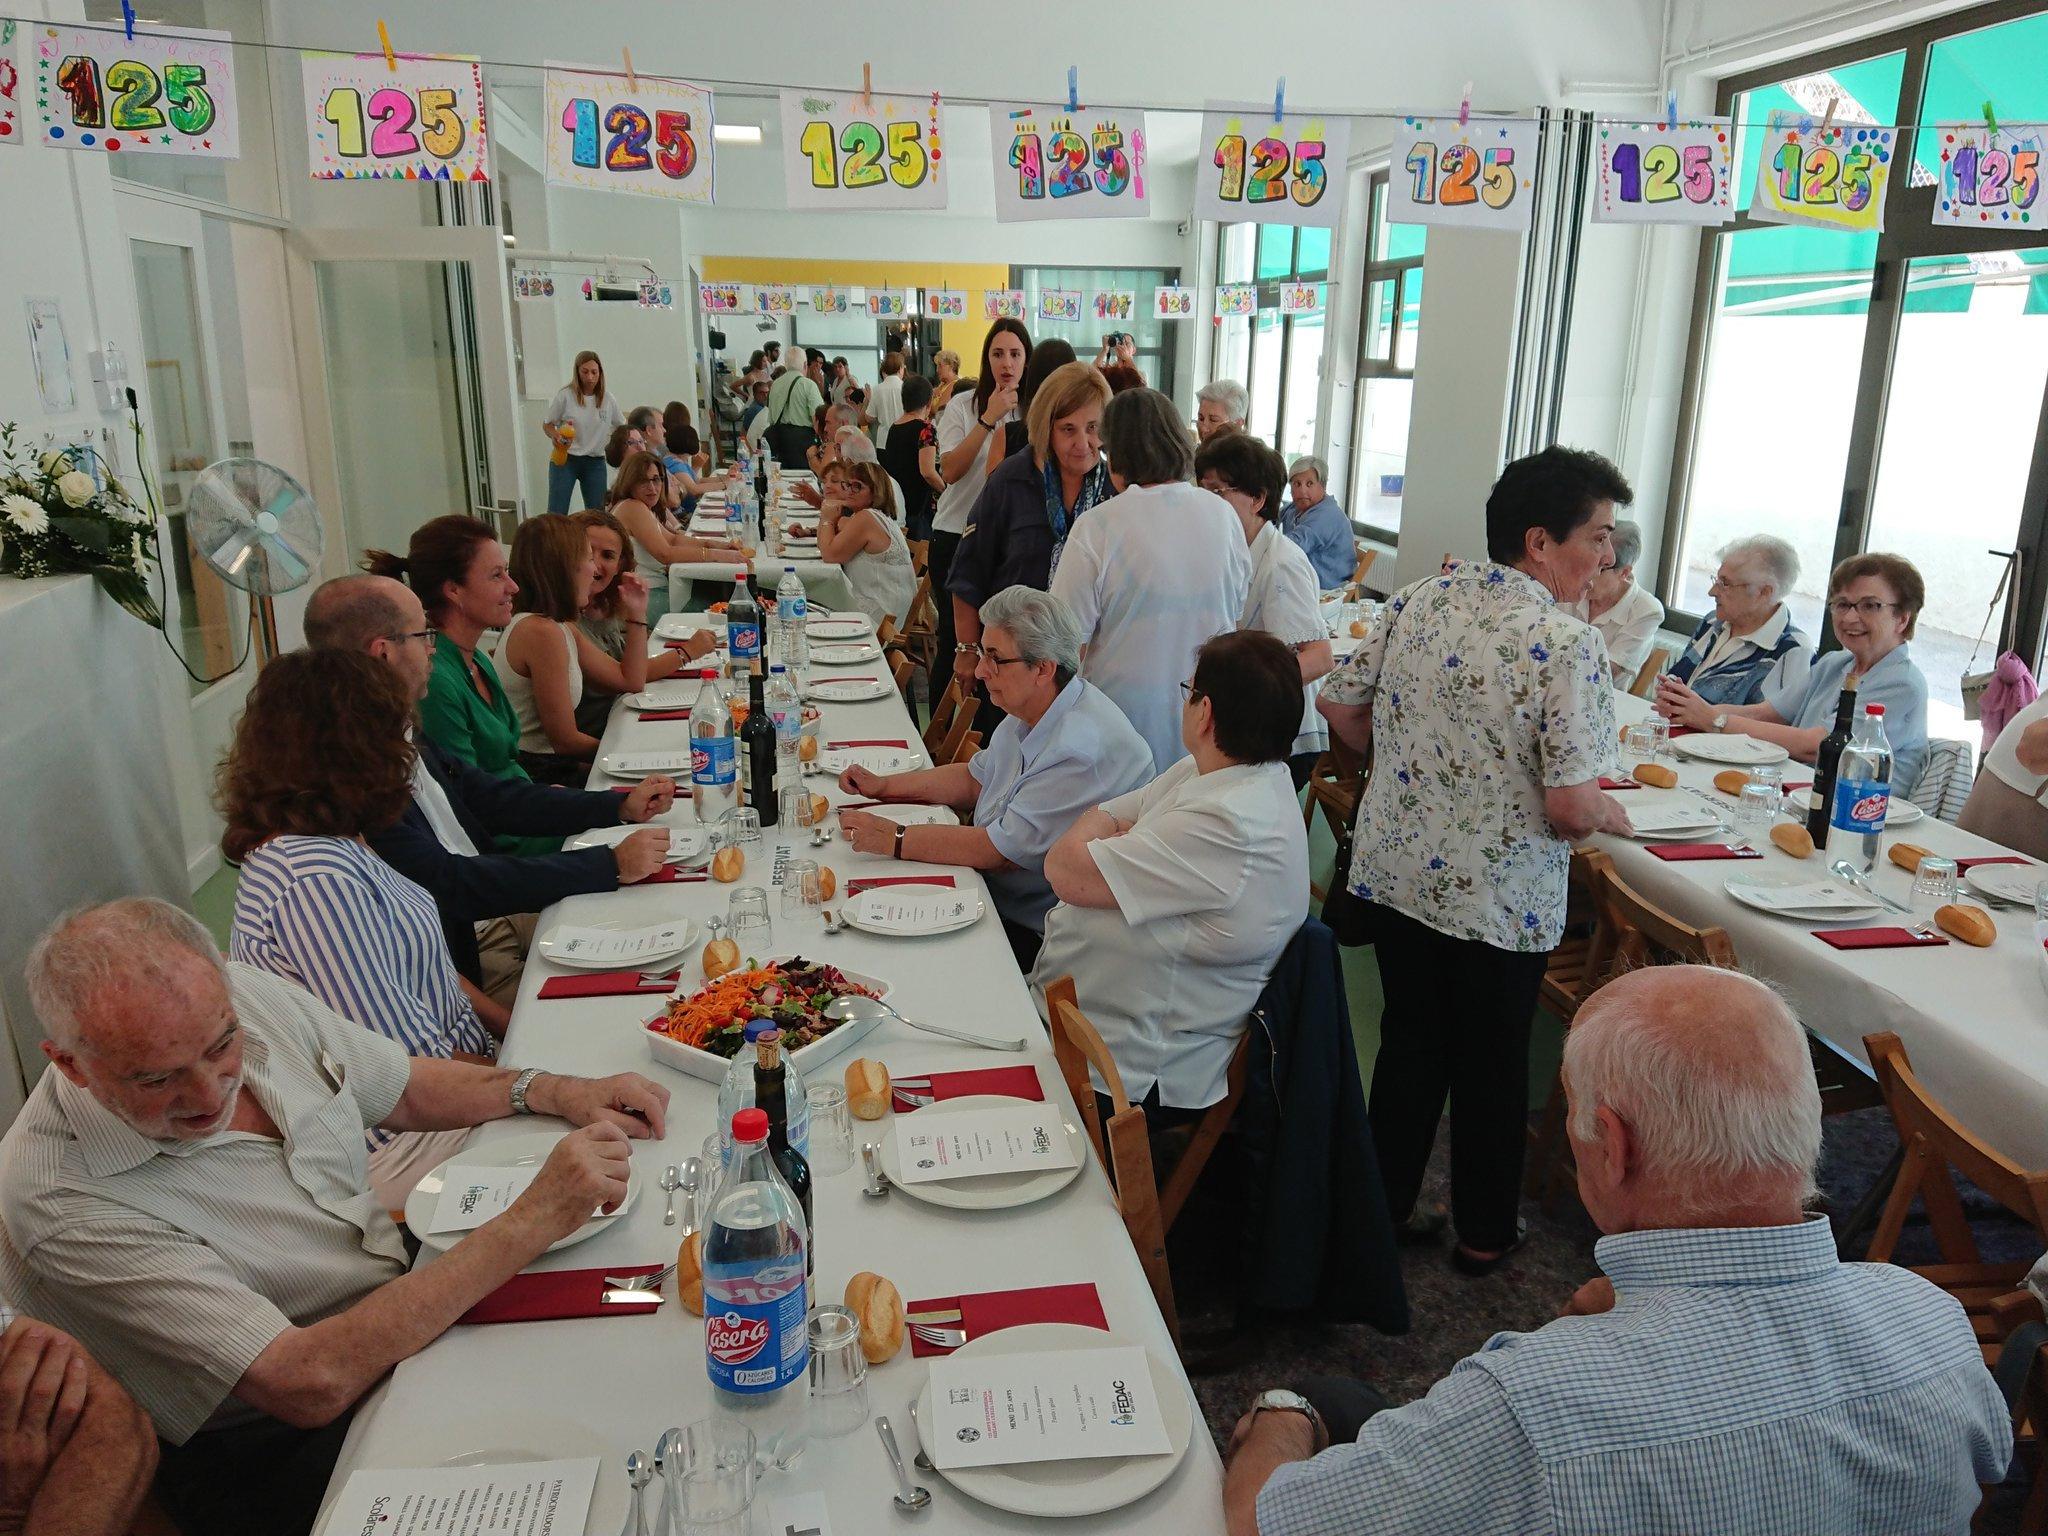 L'alcaldessa celebra el 125è aniversari de l'escola FEDAC Pont Major.